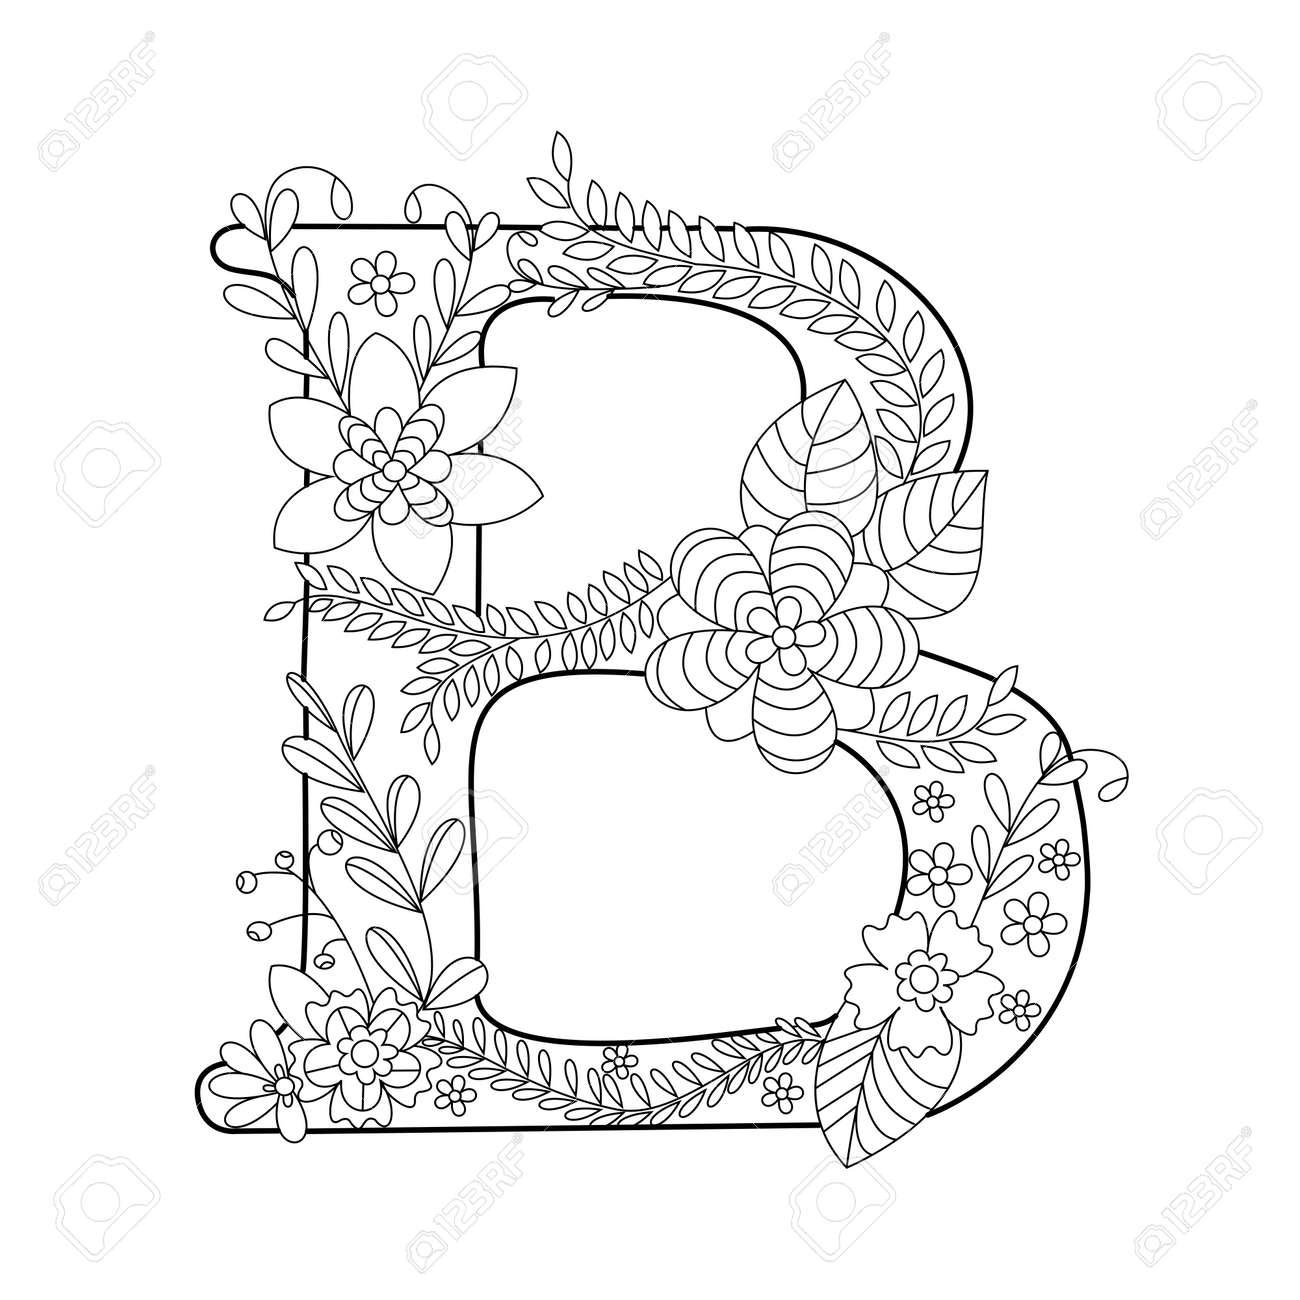 Floral Libro Para Colorear Letra Del Alfabeto Para La Ilustración Vectorial Adultos Antiestrés Colorear Para Adultos Fuente Floral Líneas